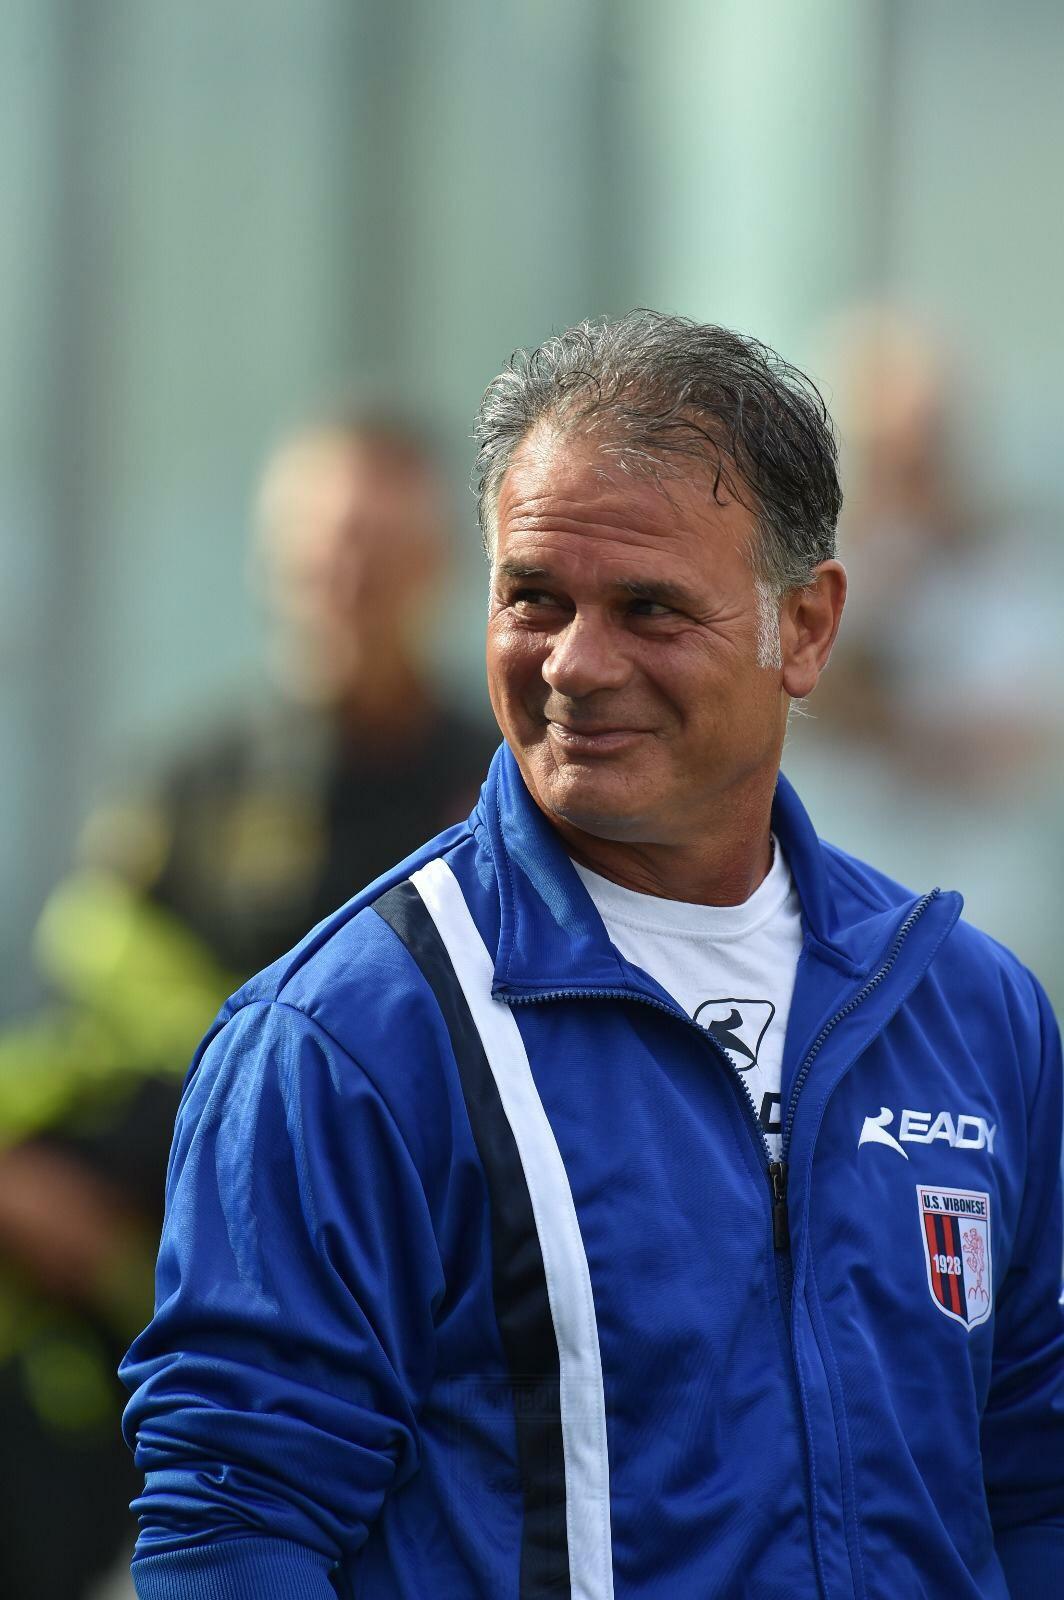 Verso VITERBESE - VIBONESE | Le sensazioni di mister Modica alla vigilia del match immagine 13207 US Vibonese Calcio